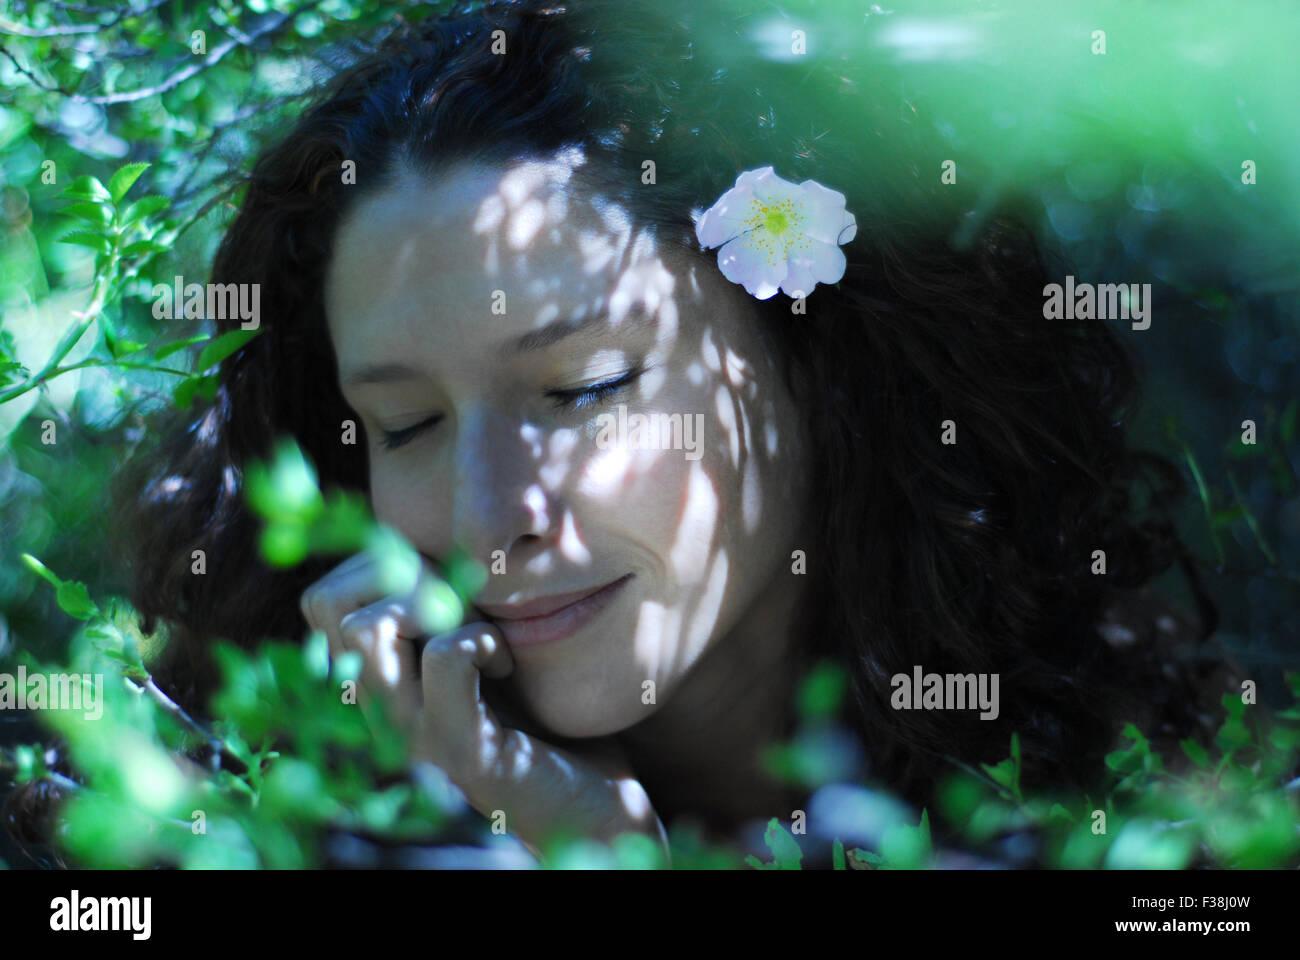 Ragazza carina tra un sacco di foglie verdi con soft rosa piccolo fiore nel suo capelli ricci Immagini Stock